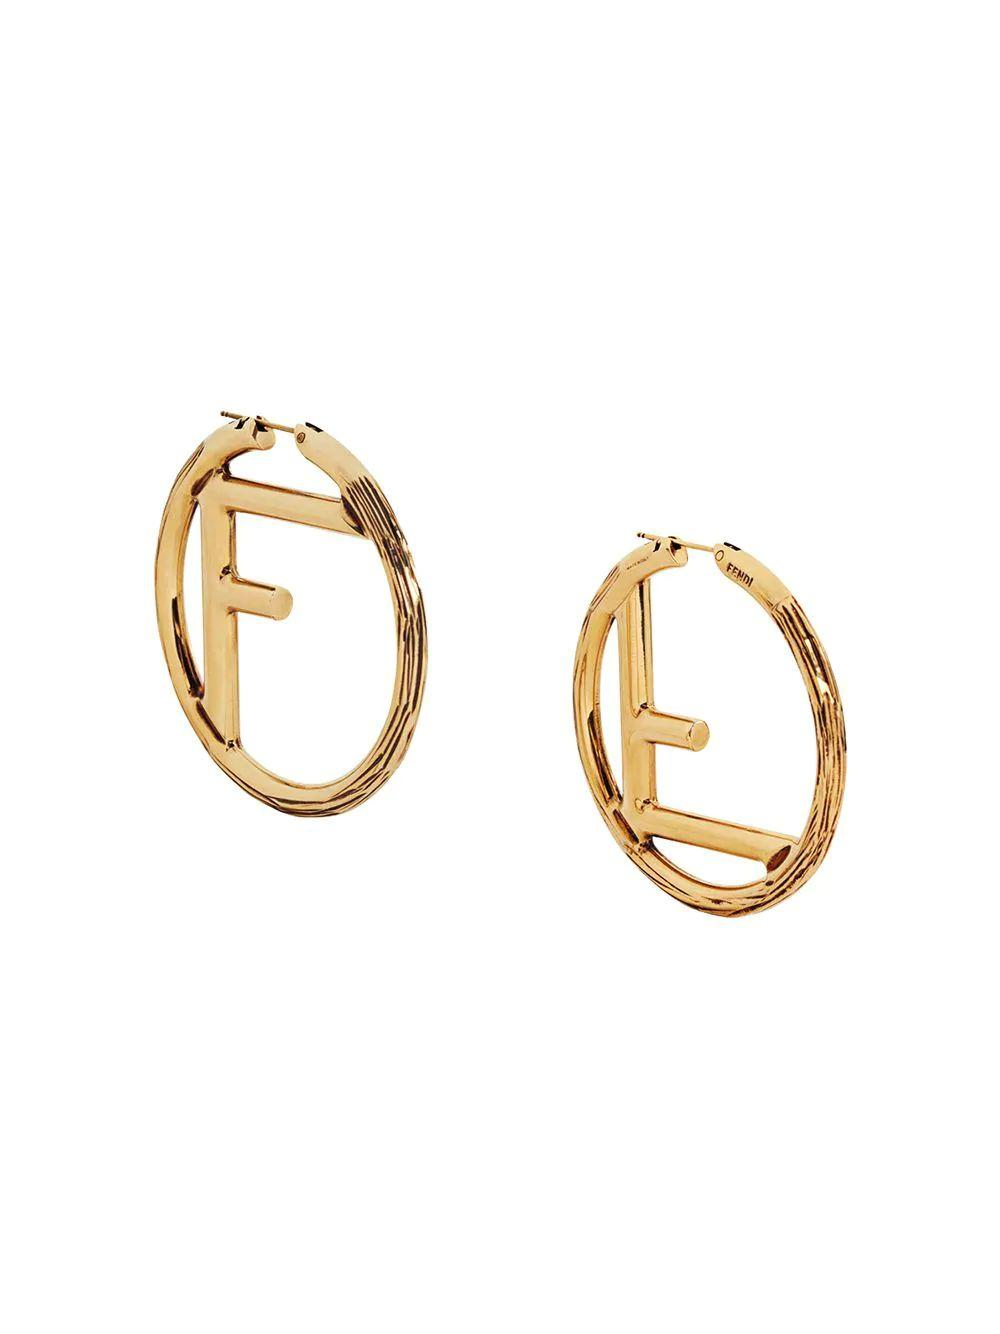 F Is For Fendi Logo Earrings Item # 8AG797-AB0T